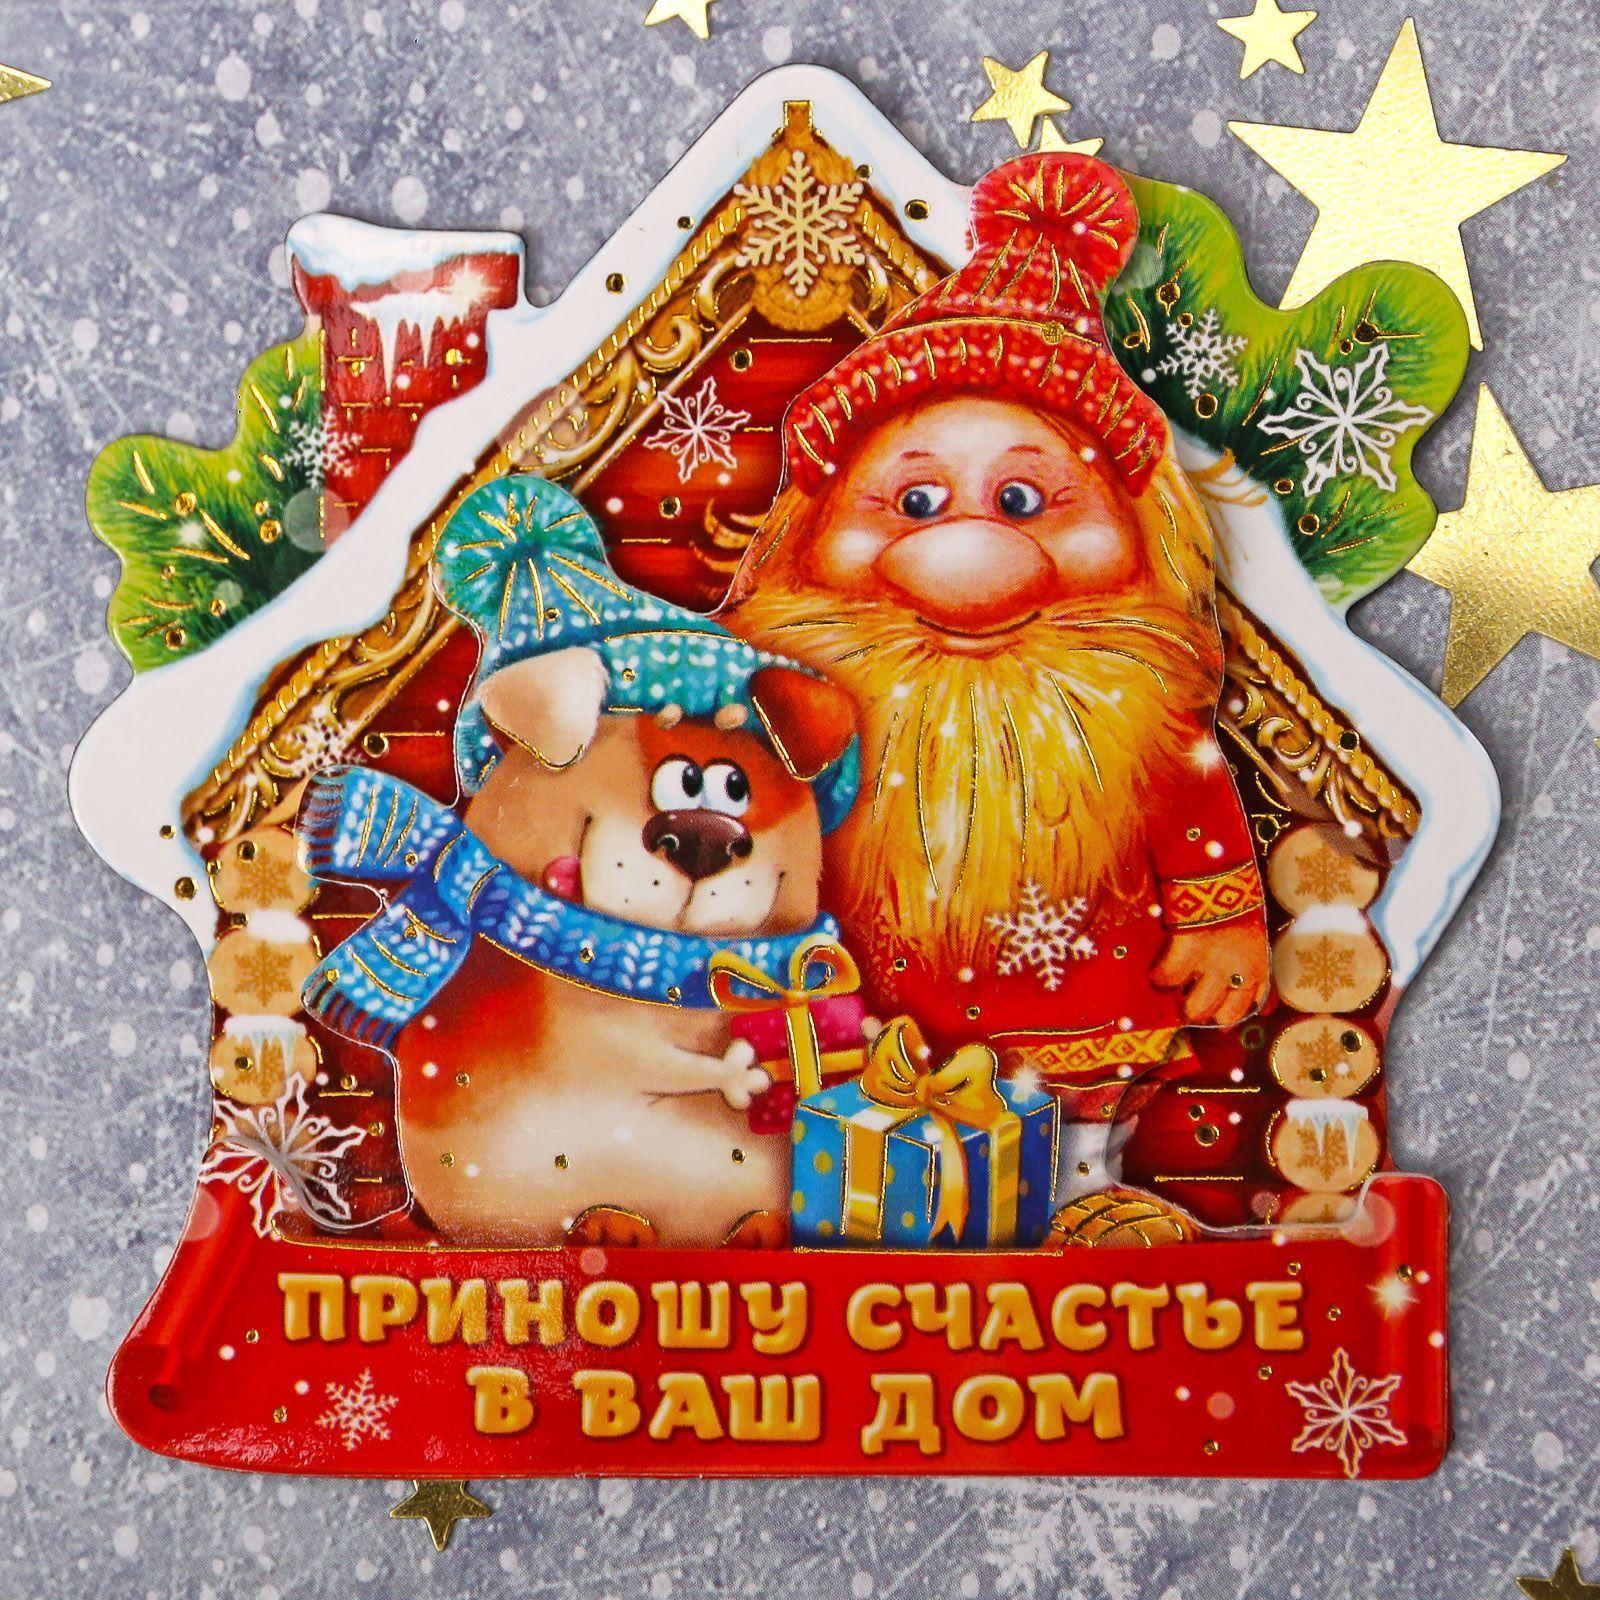 Магнит Sima-land Приношу счастье в ваш дом, 5,8 х 6,5 см2252402Порадуйте родных и близких оригинальным сувениром: преподнесите в подарок магнит. С ним даже самый серьёзный человек почувствует себя ребёнком, ожидающим чудо!Создайте праздничное настроение, и оно останется с вами на весь год.